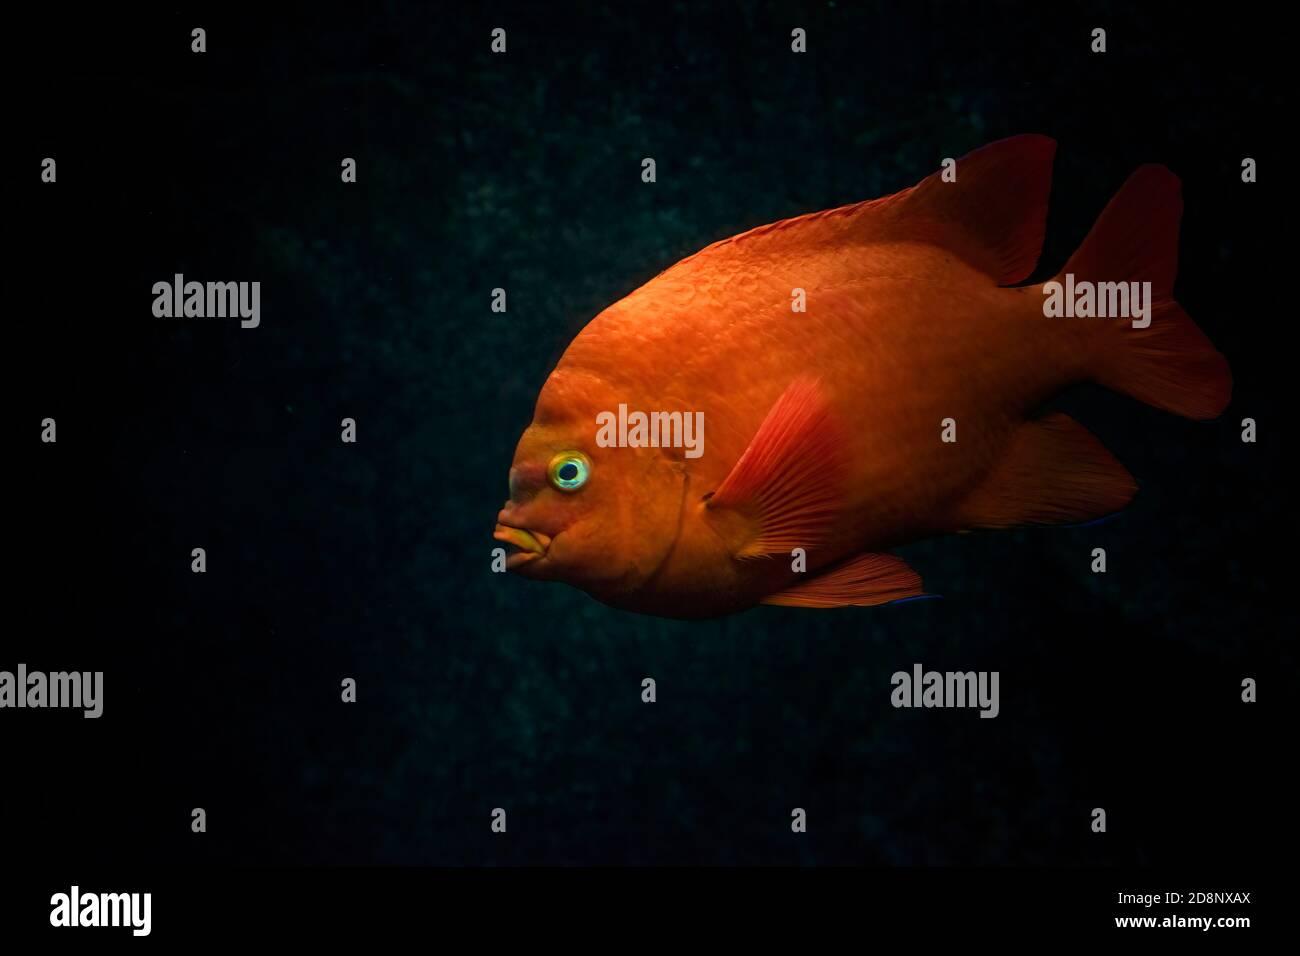 Rot orange Garibaldi oder Garibaldi damegoistic (Hypsypops rubicundus) Schwimmen im Meer. Dunkler Hintergrund. Stockfoto